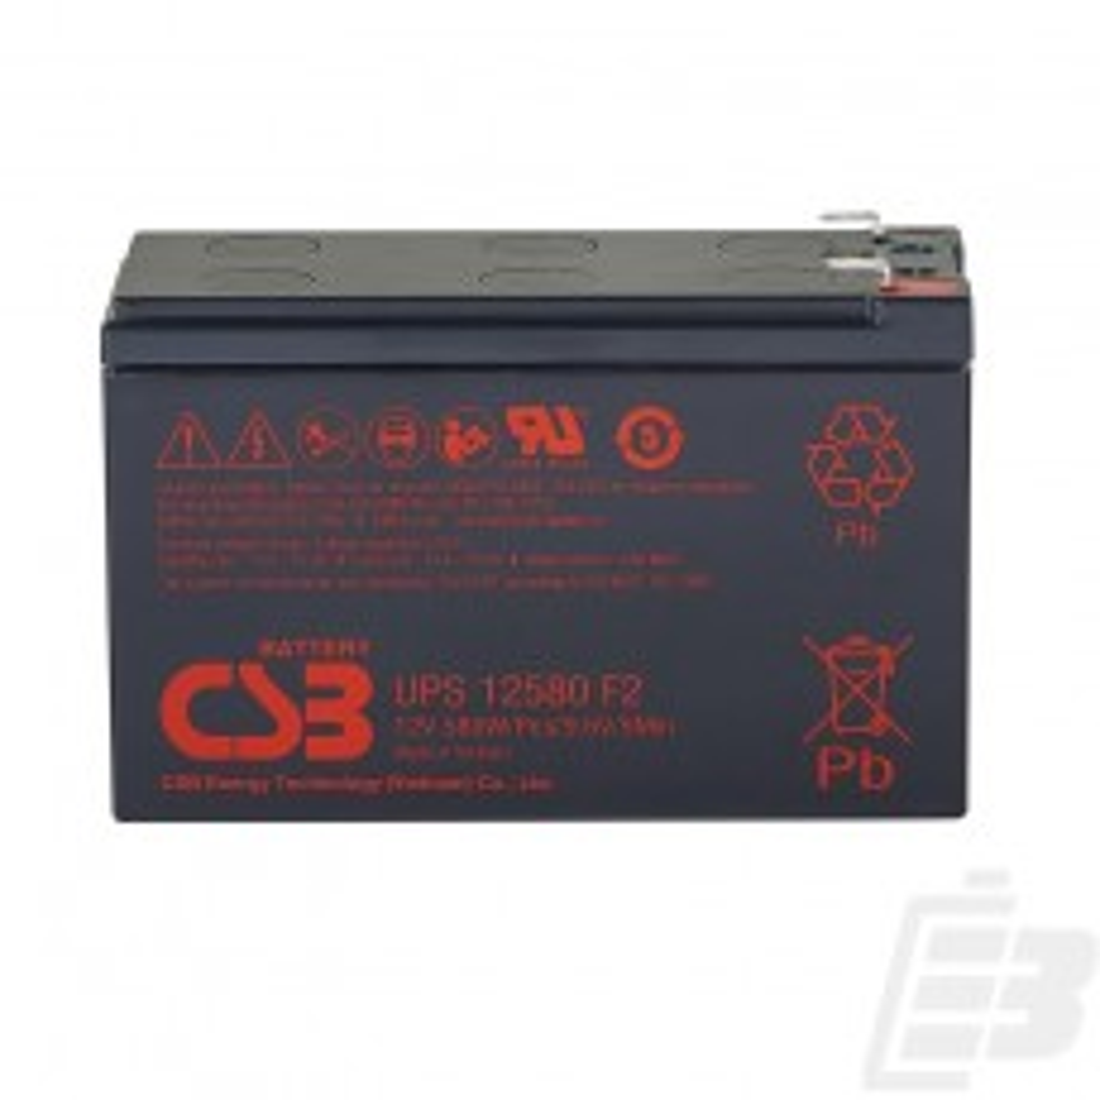 CSB Lead Acid Battery UPS12580 12V 9Ah